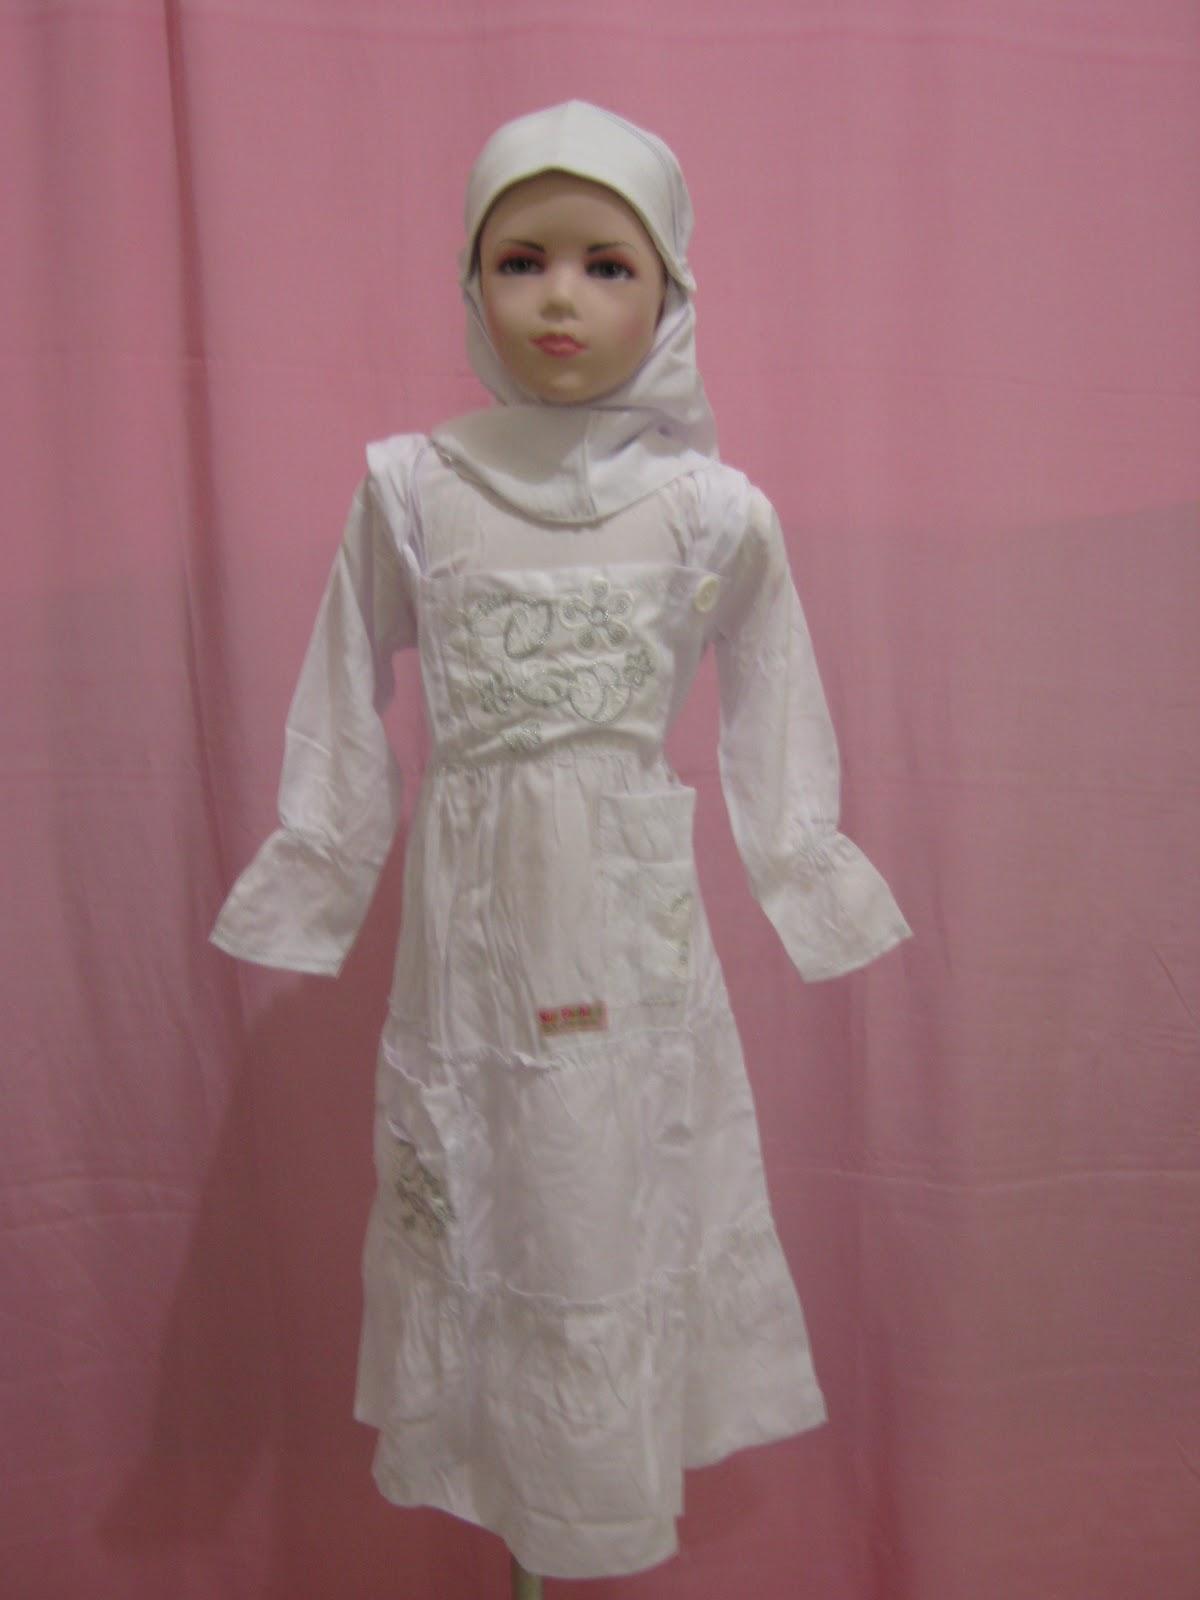 Busana Muslim Murah Berkualitas Muslimah Anak Nf Model